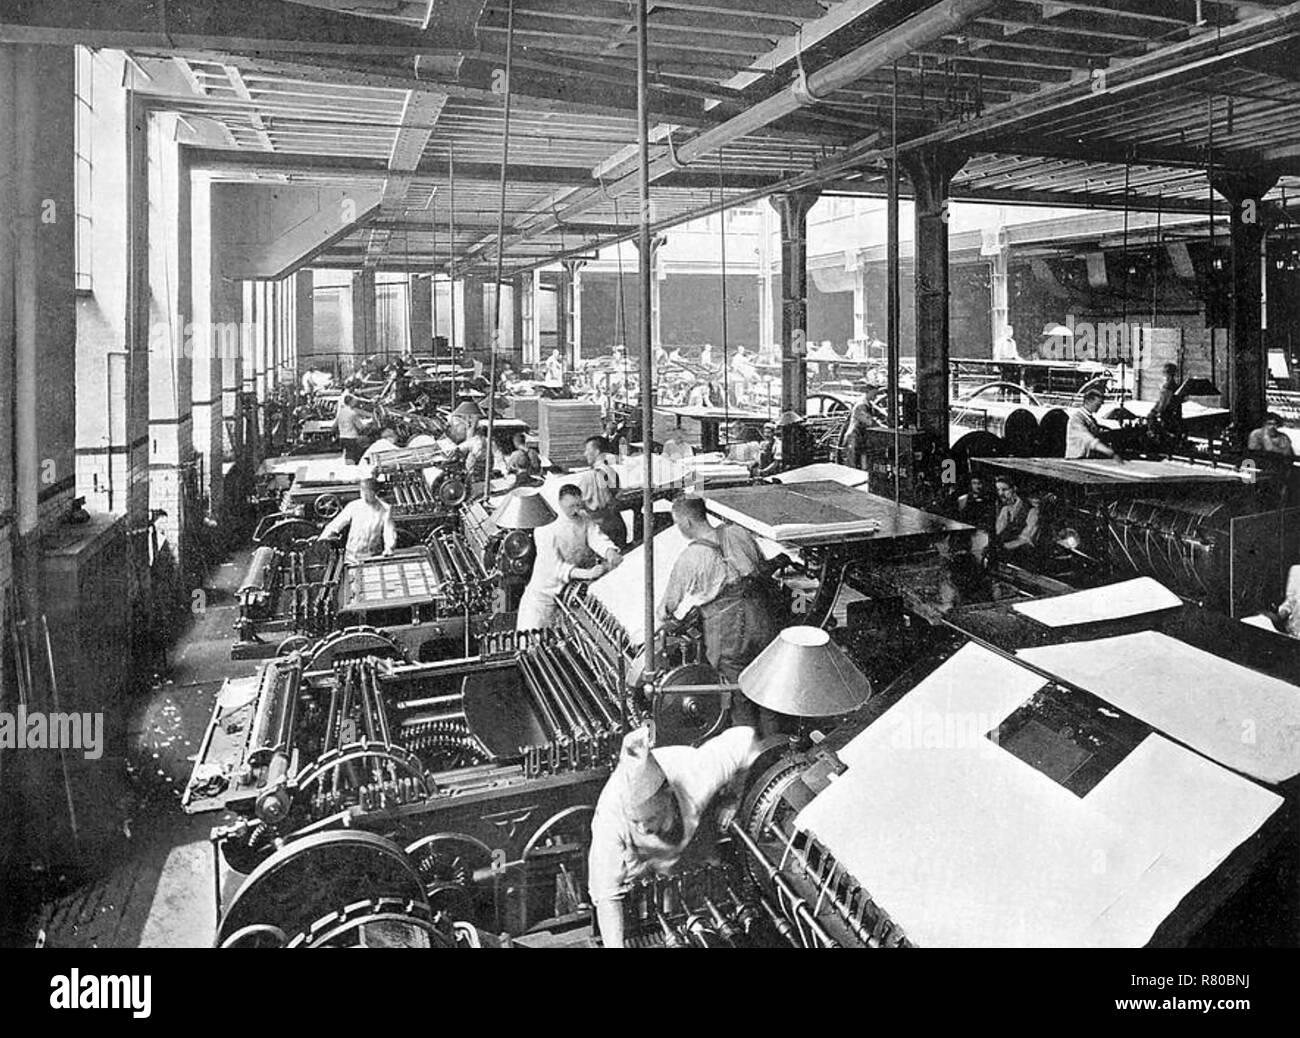 CASSELL & CO di lavori di stampa presso la Belle Sauvage su Ludgate Hill,Londra, circa 1912 Immagini Stock